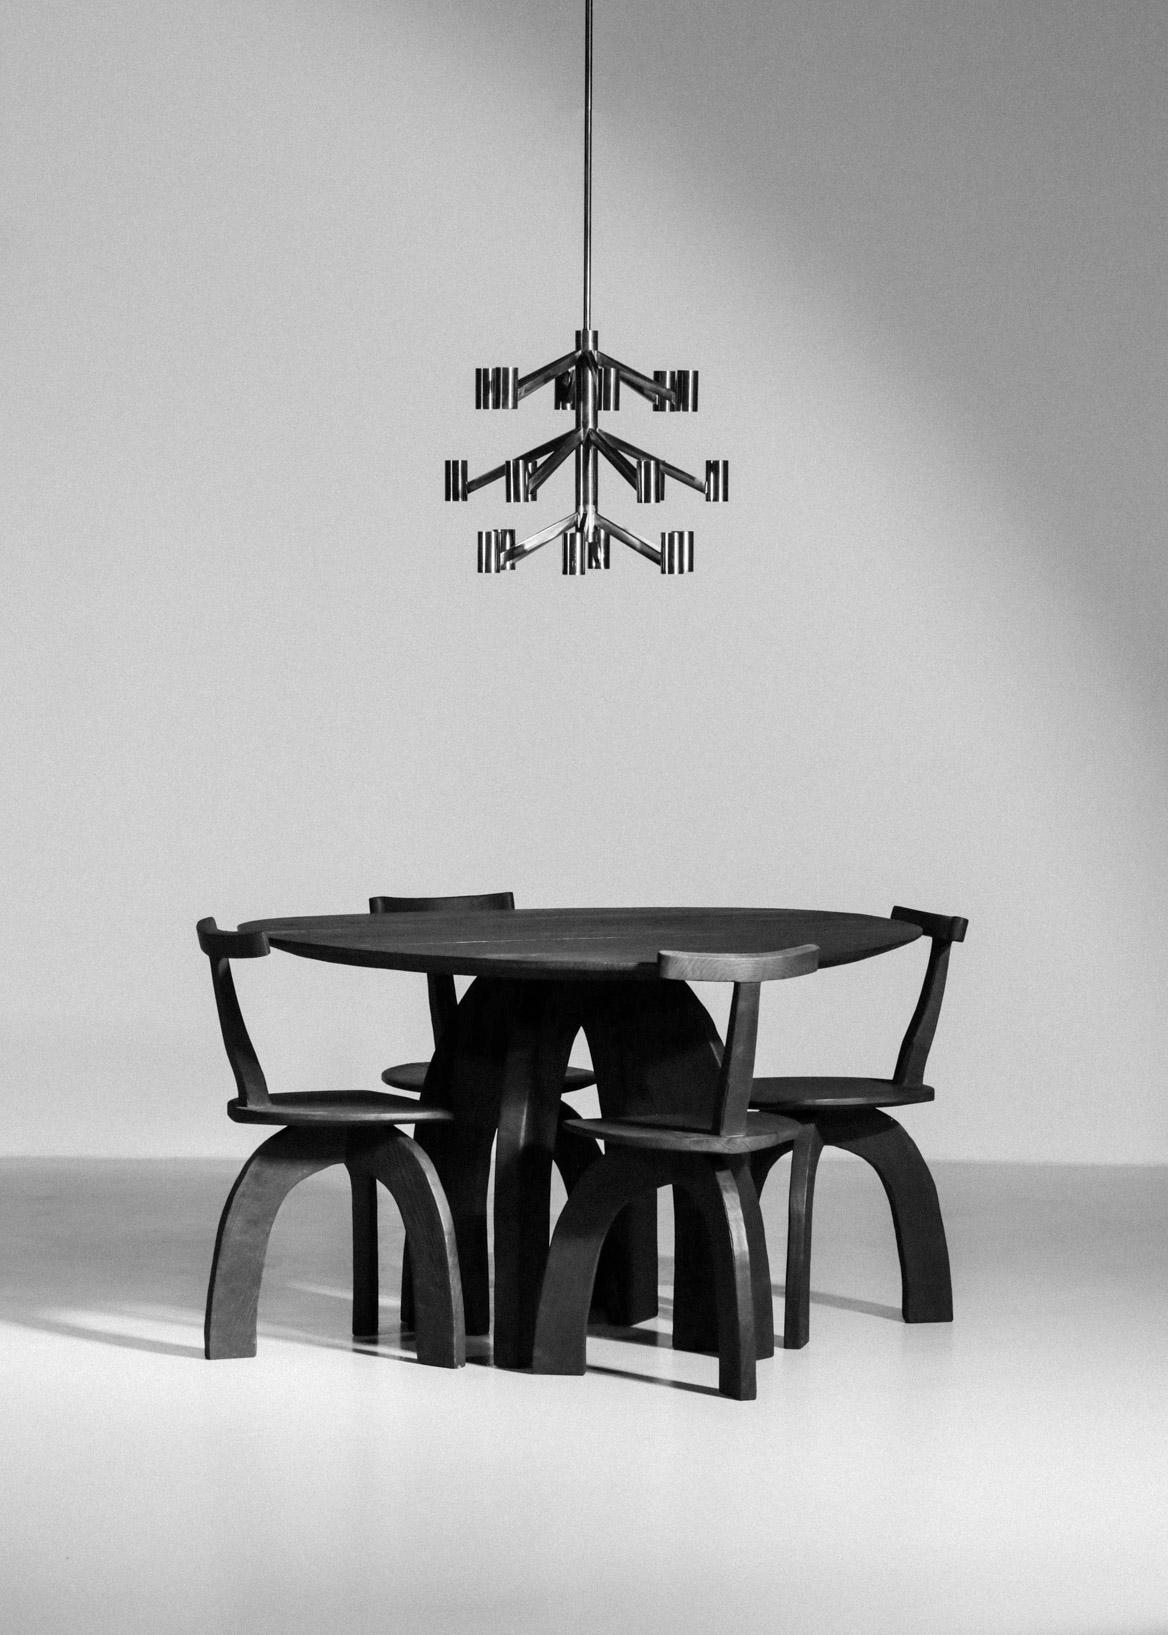 Table à manger vincent vincent danke galerie chaise ebeniste bois brulé44